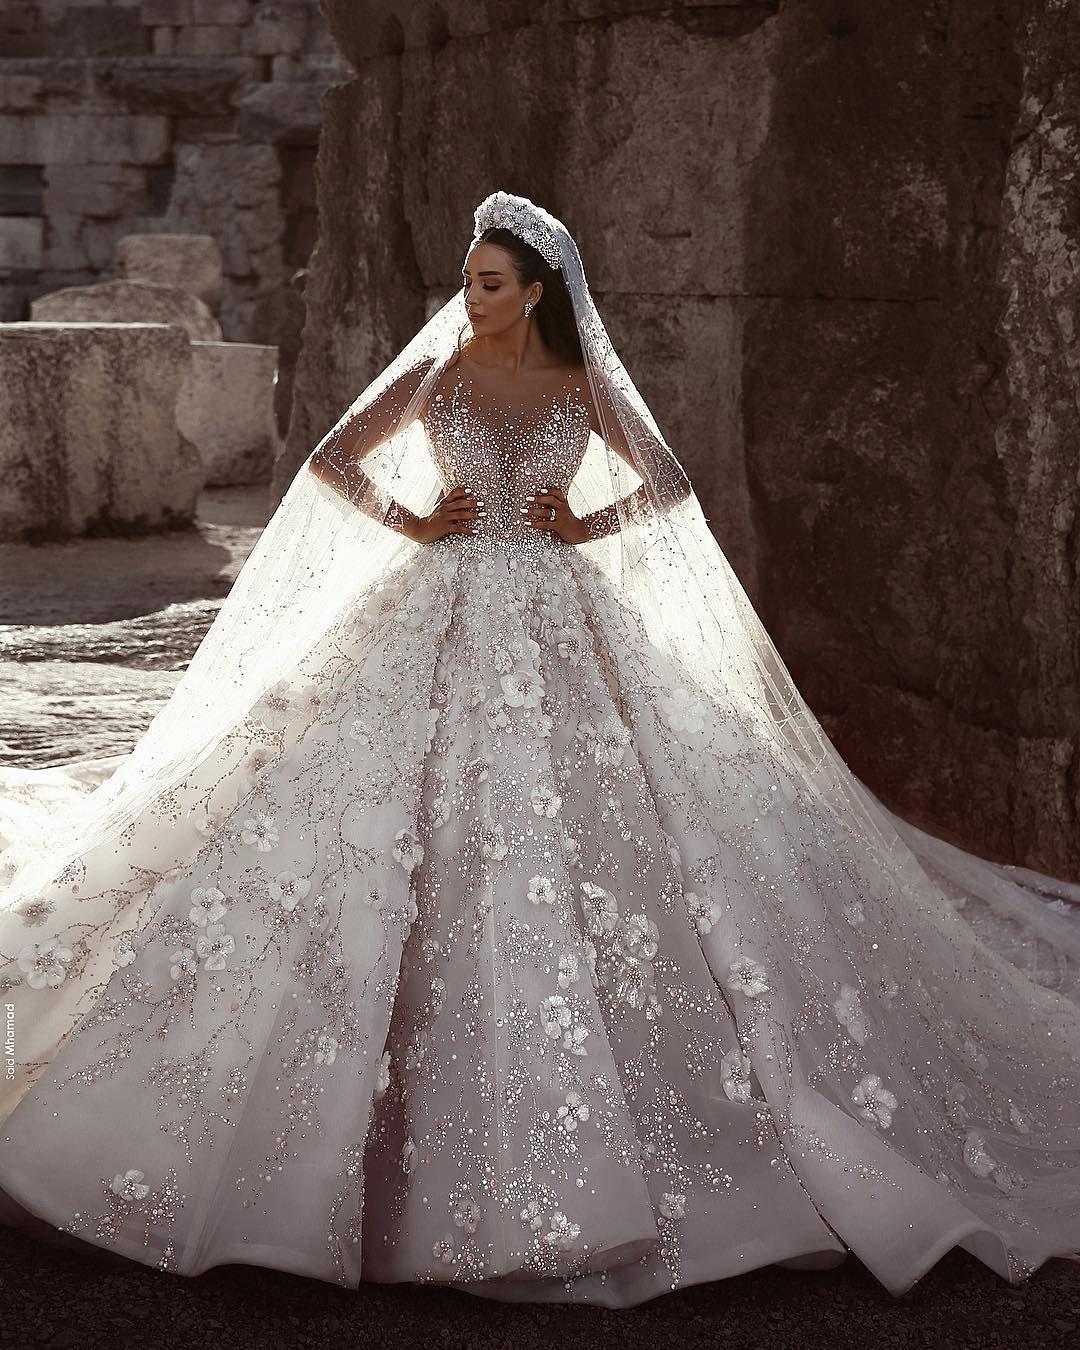 Luxus Brautkleider Mit Ärmel A Linie Spitze Hochzeitskleider Kristal Modellnummer: BC0151